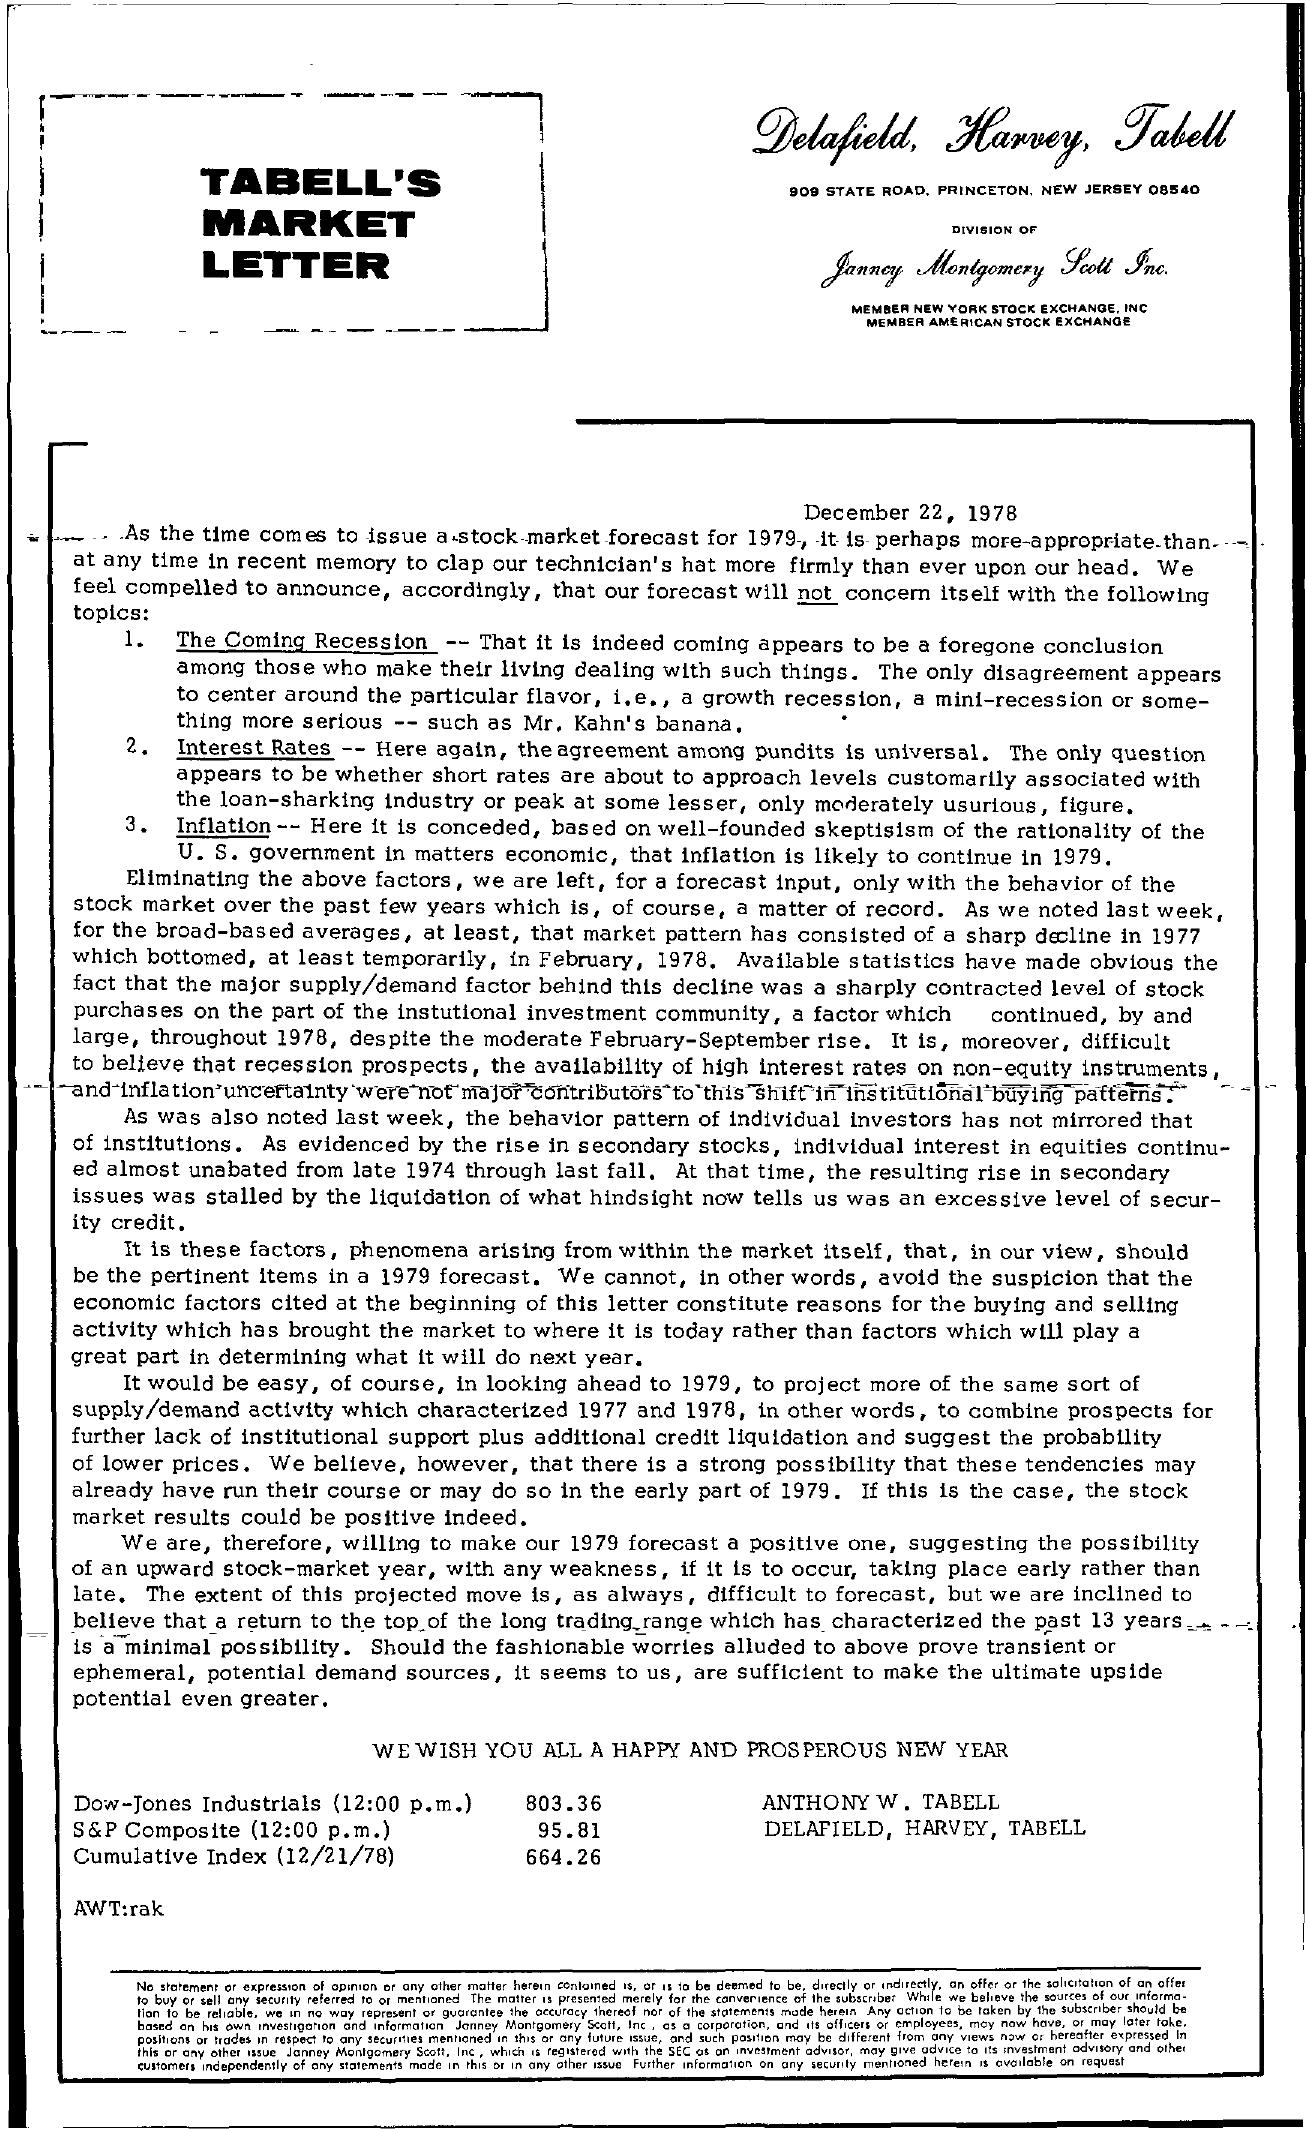 Tabell's Market Letter - December 22, 1978